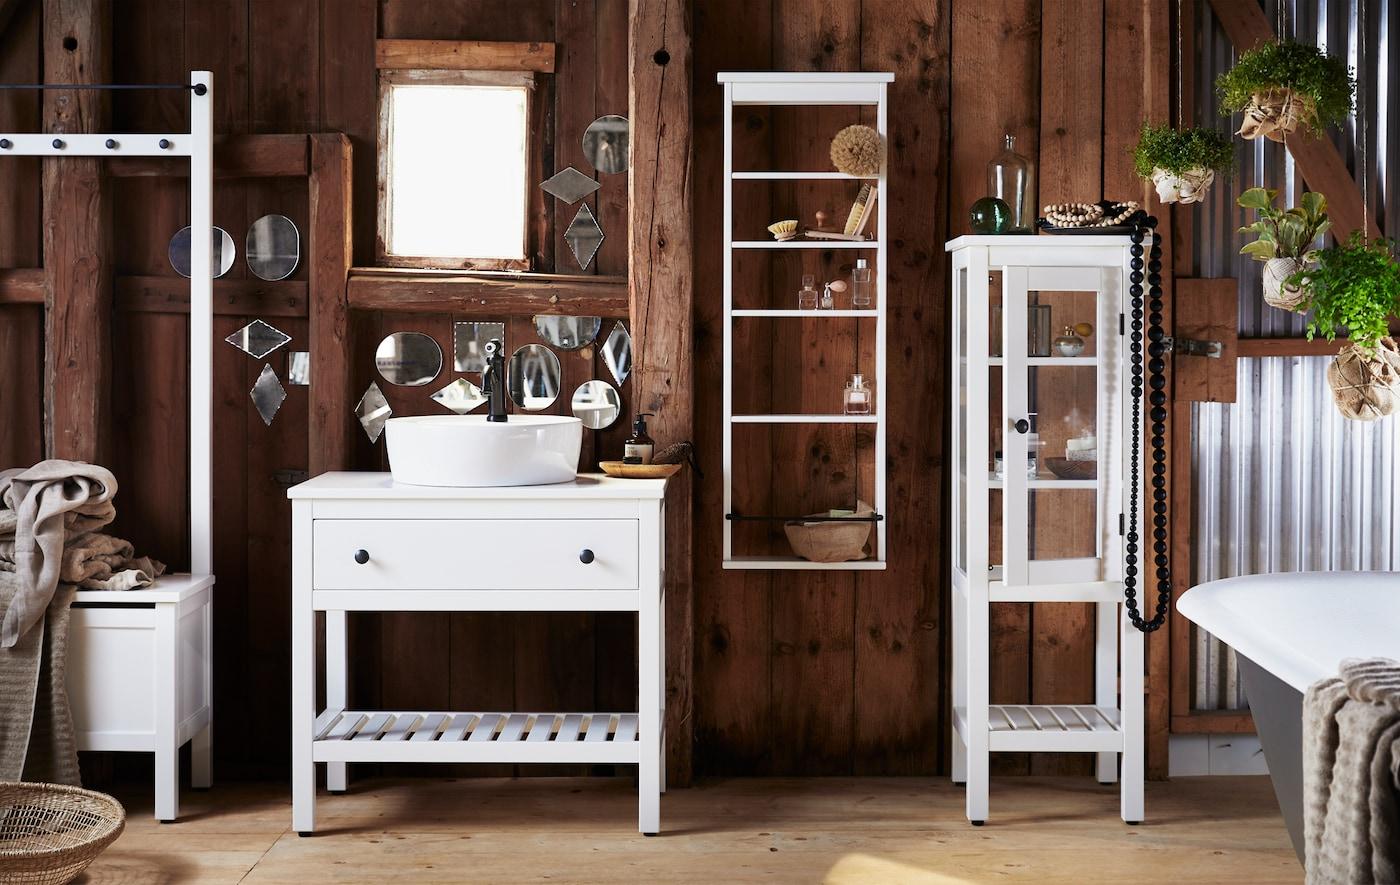 ダークウッドの壁に伝統的なスタイルのホワイトの収納家具をコーディネートしたバスルーム